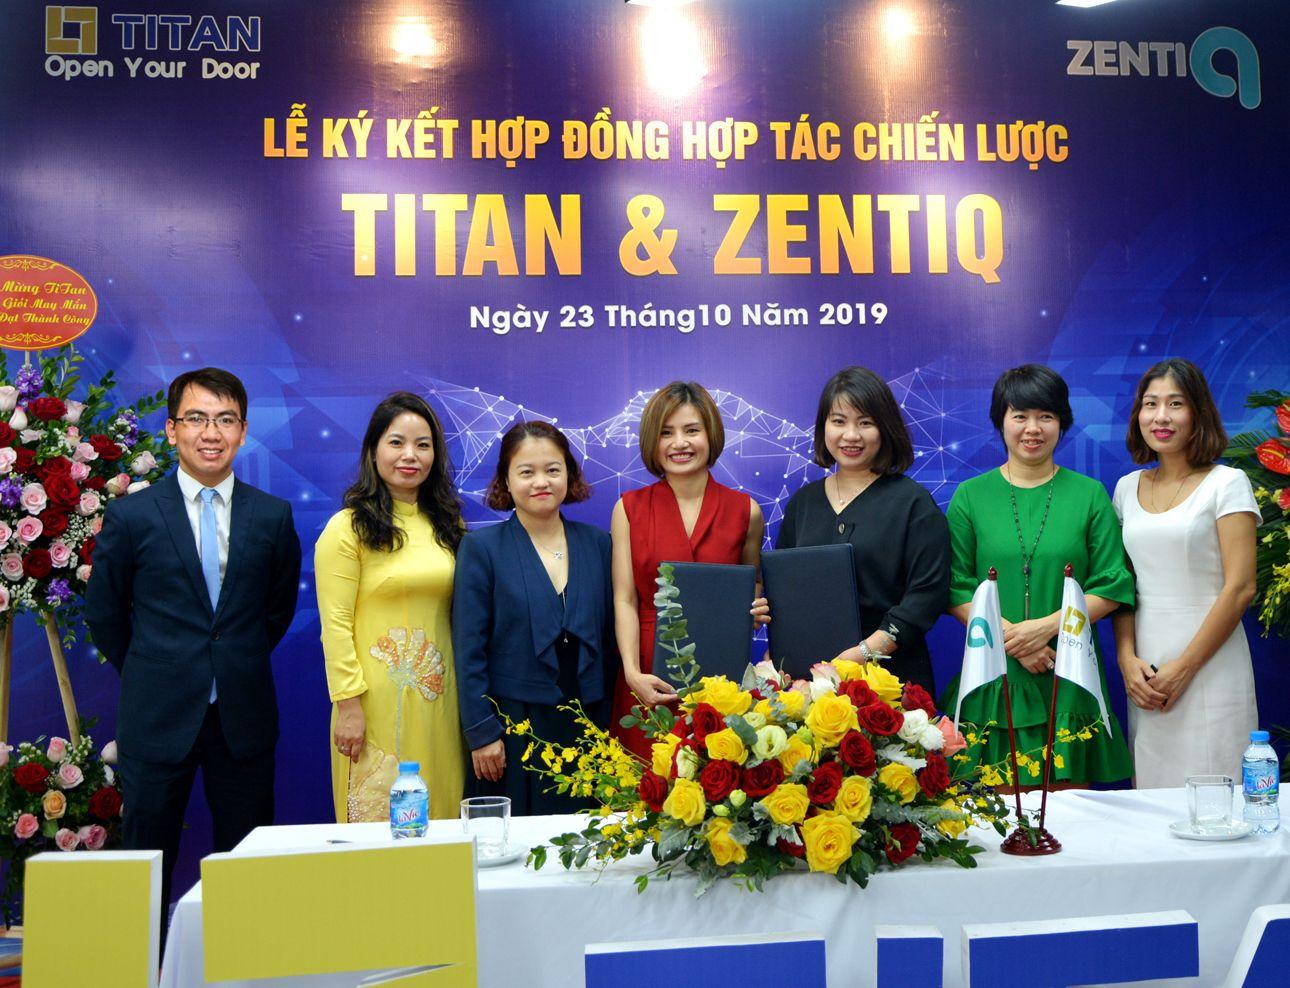 Lễ ký kết có sự tham dự của đại diện CĐT Sun Group cùng một số khách hàng, nhà đầu tư thân thiết của Titan